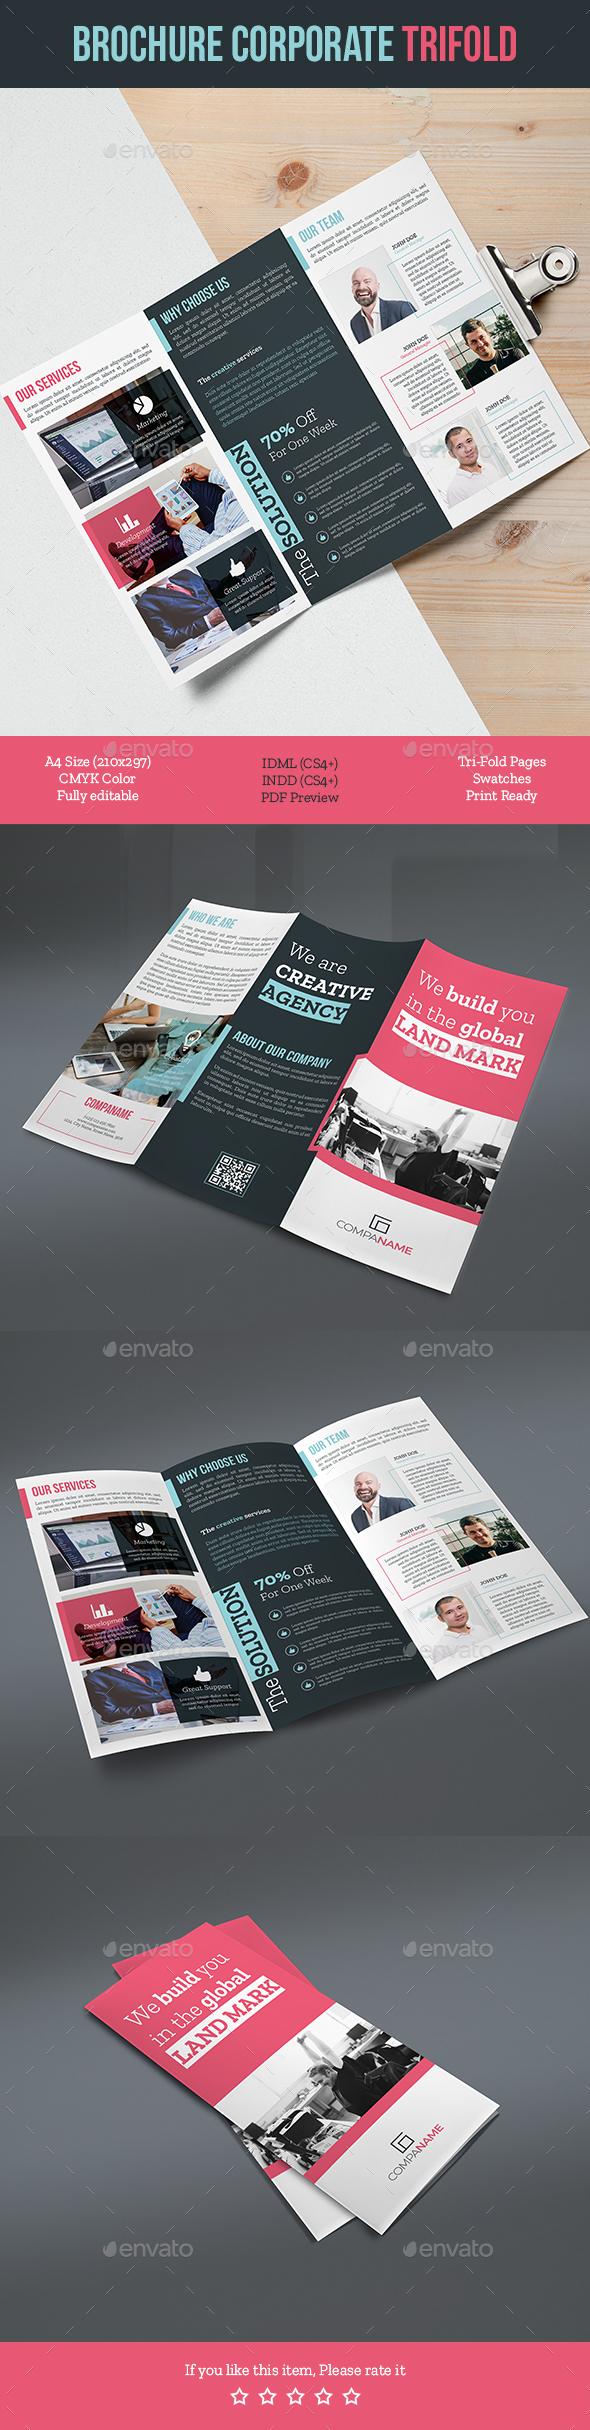 GraphicRiver Brochure Corporate Trifold 20922082